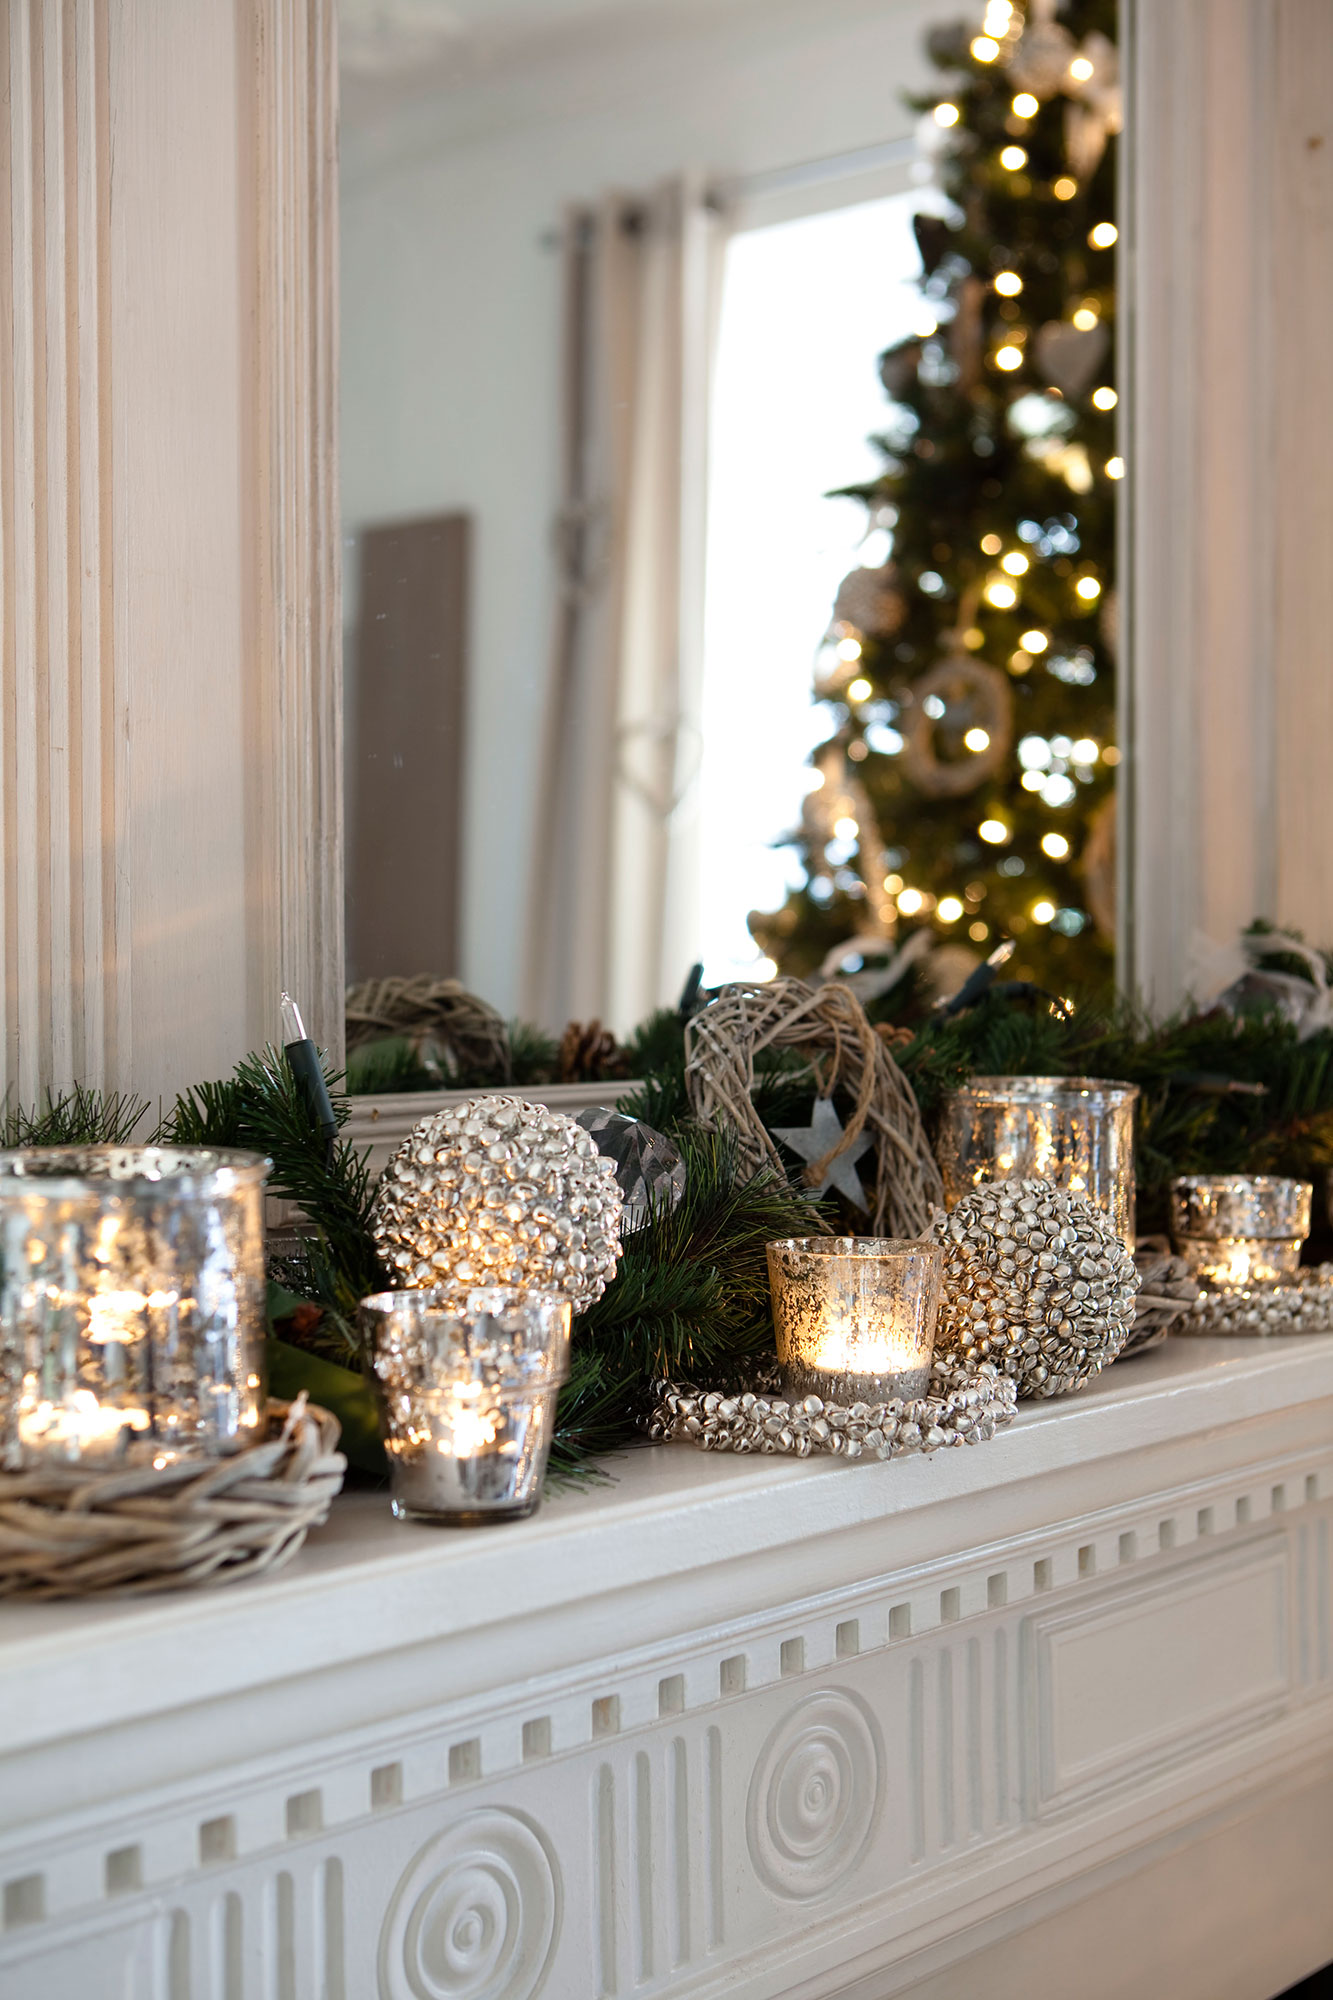 Detalles e ideas en plata para decorar tu casa esta navidad for Forrar chimenea